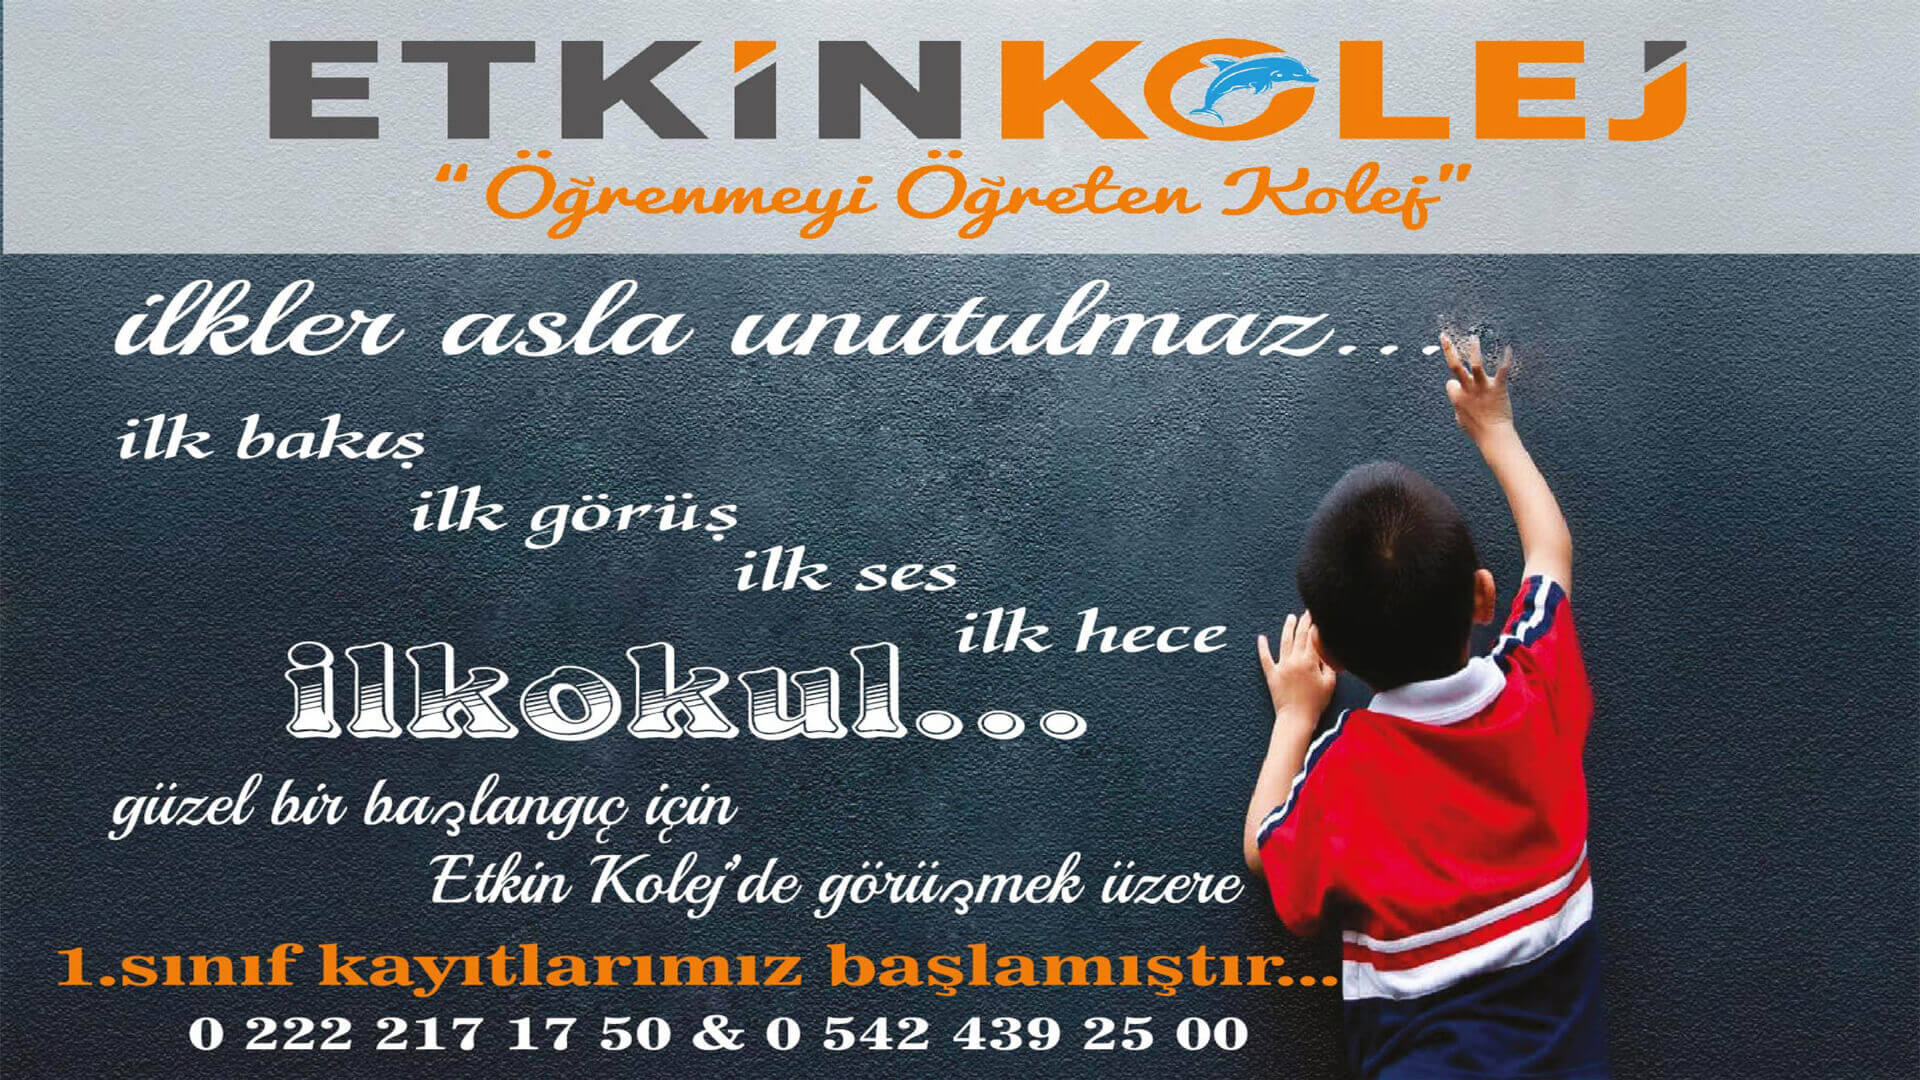 Etkin Kolej | İLKLER ASLA UNUTULMAZ !!!